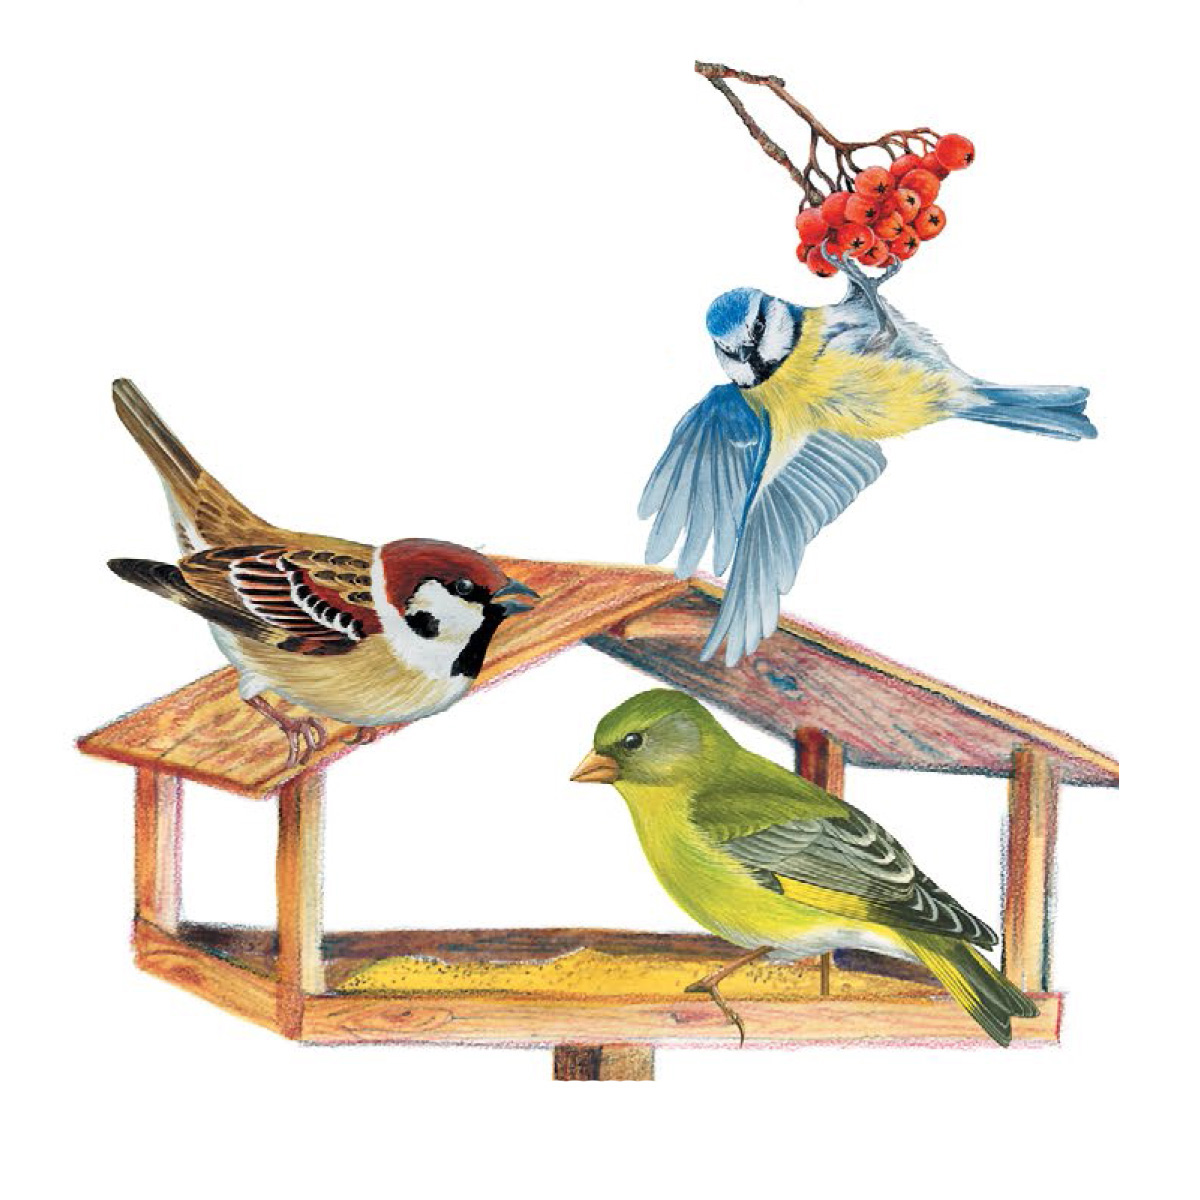 картинки птиц на кармушках мне совесть позволит